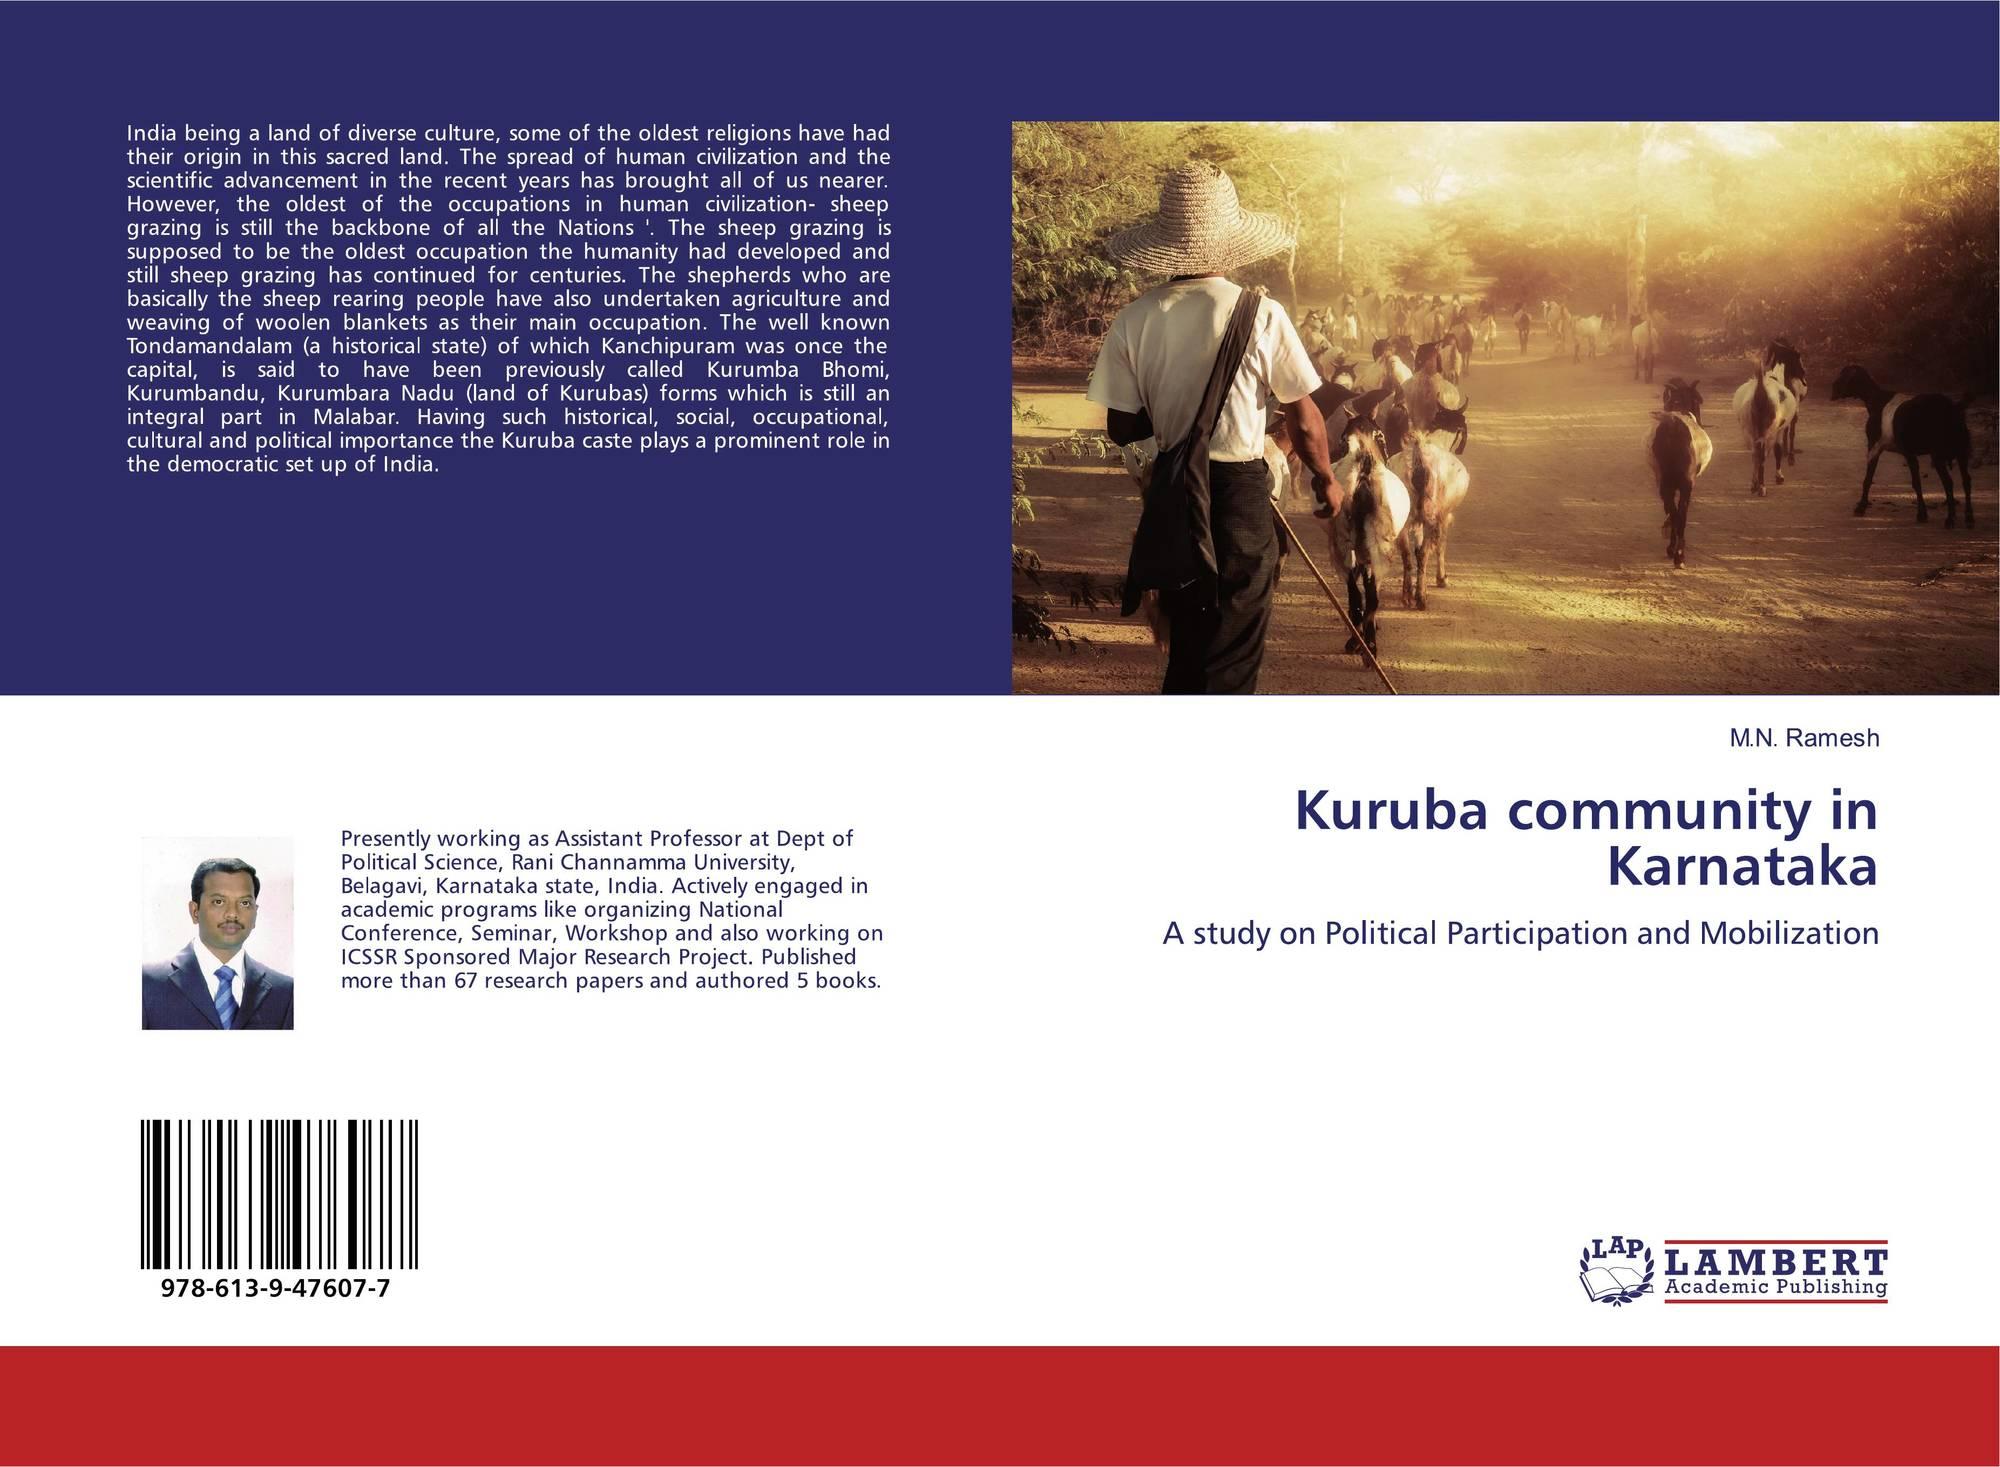 Kuruba community in Karnataka, 978-613-9-47607-7, 6139476070